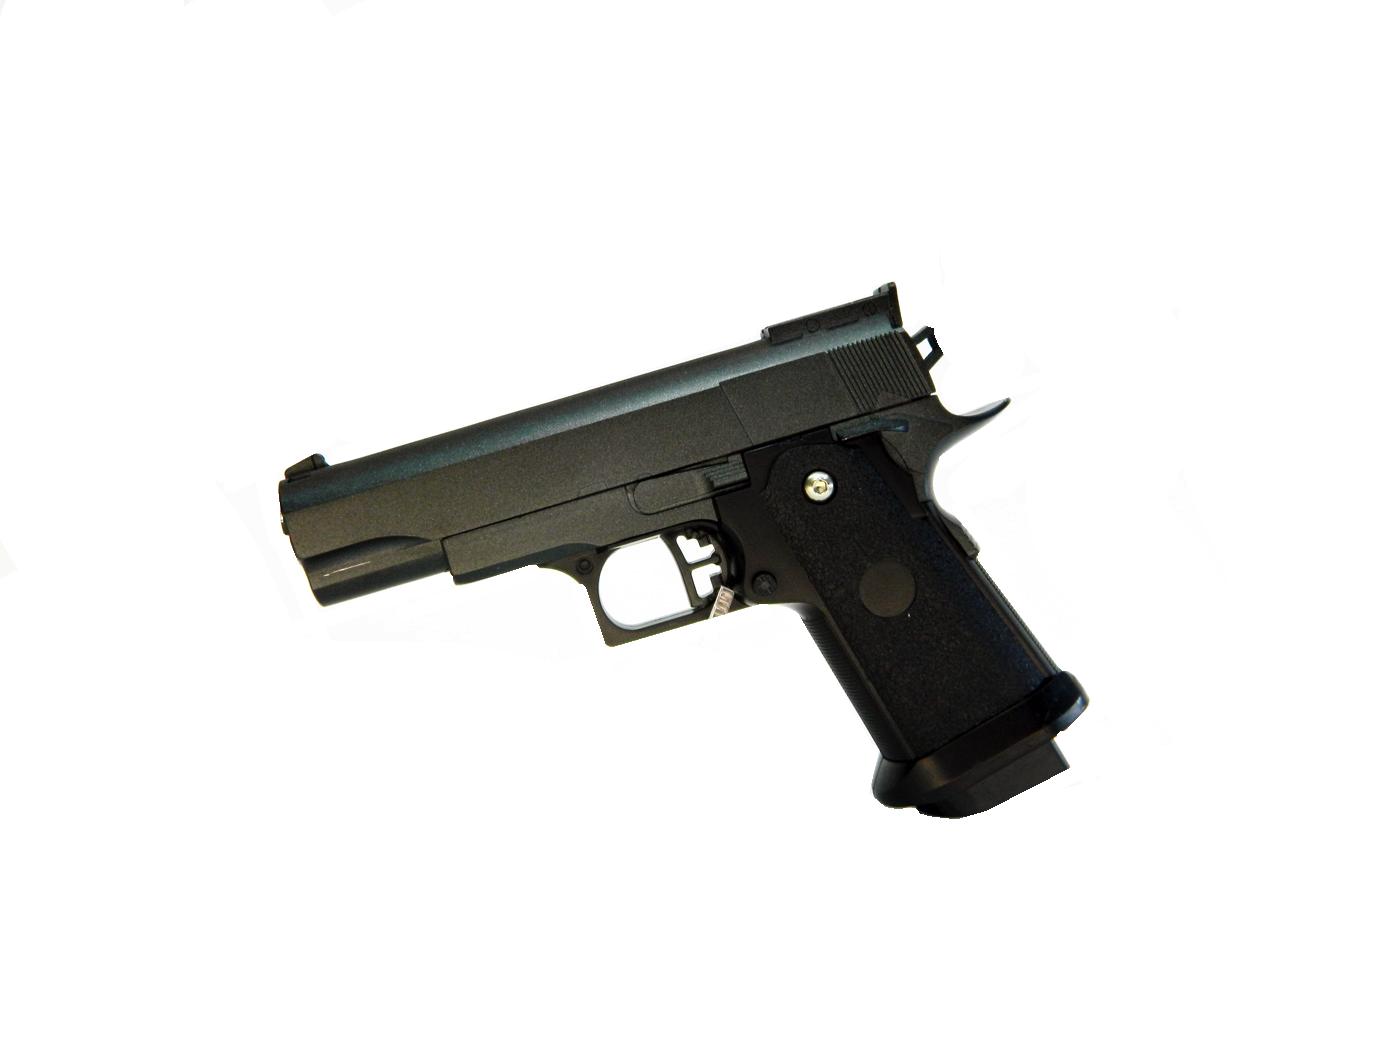 Макет пистолета Colt M1911 Goverment Mini в натуральную величину